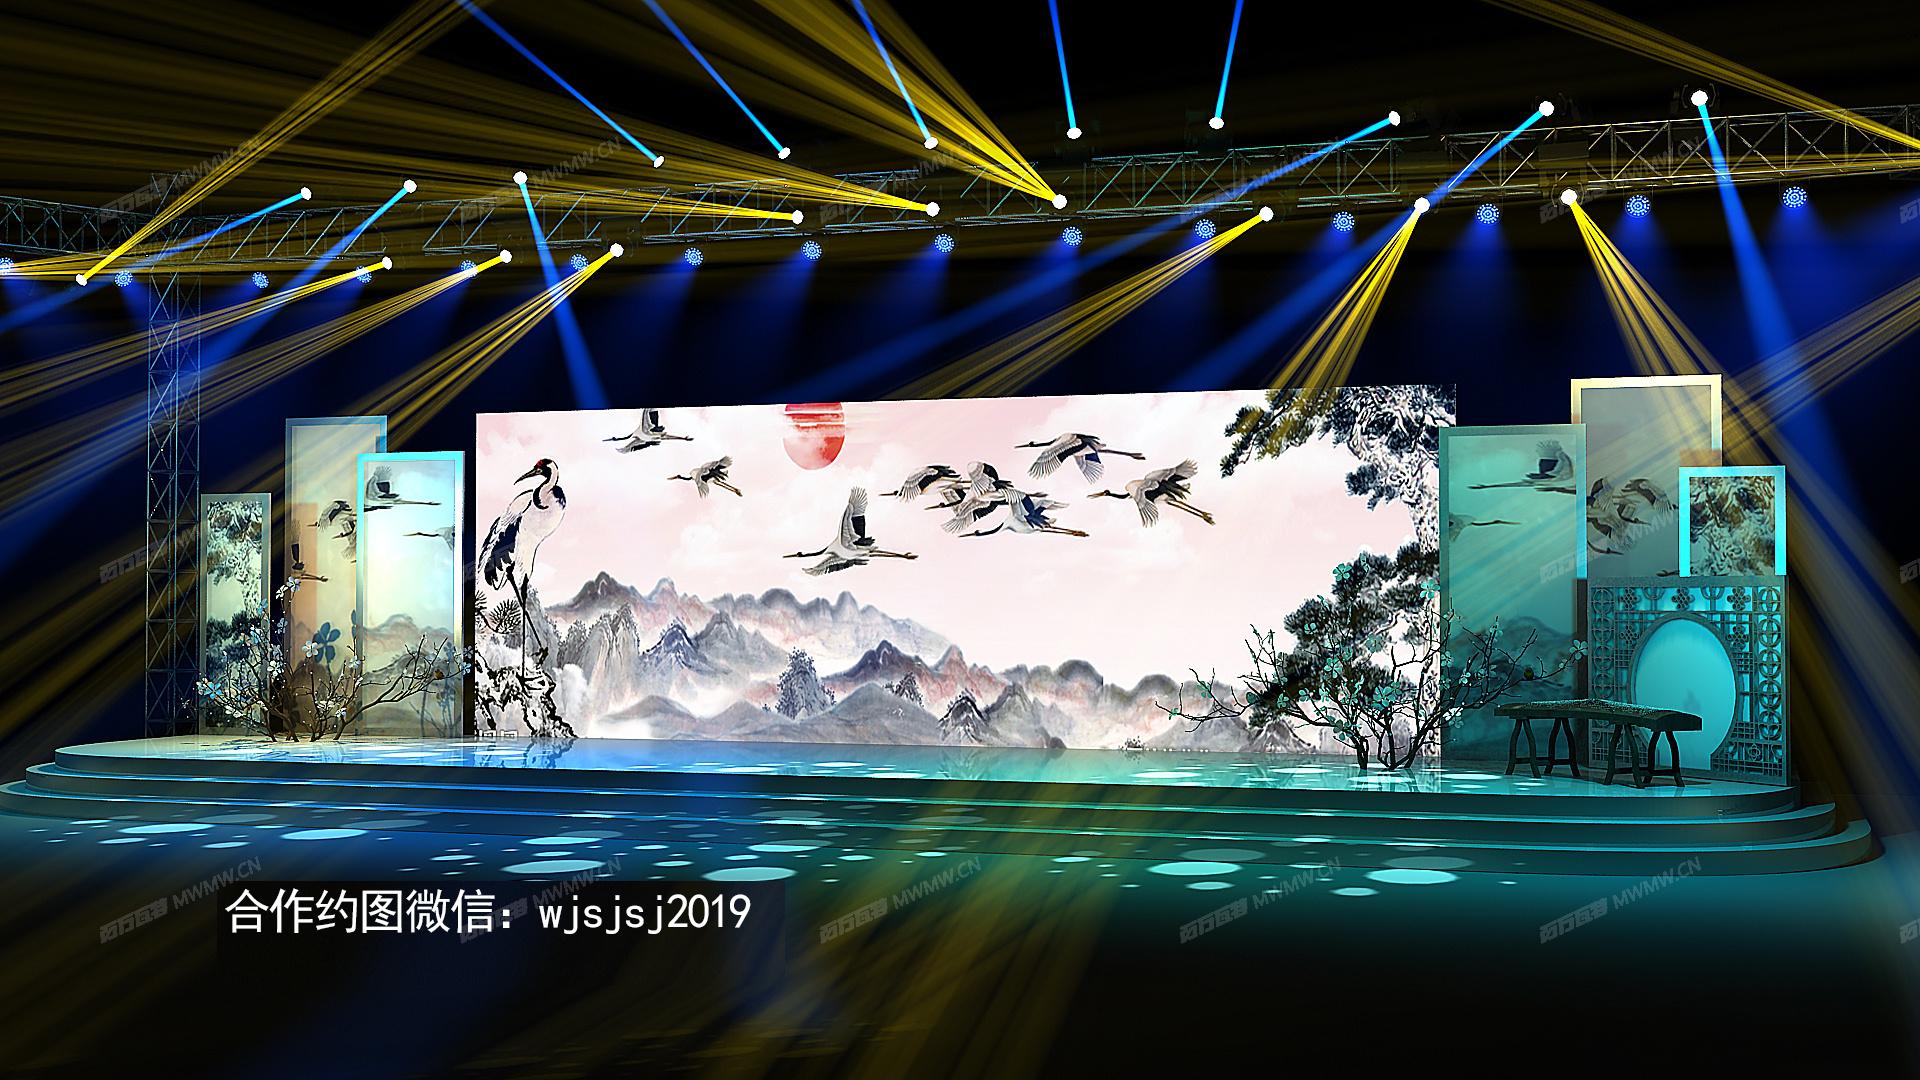 麦田舞美设计 舞美咖 中式舞美设计 中式舞台设计 中式效果图 中式设计图 中国风舞台 中国风舞美 寿宴舞美设 ...